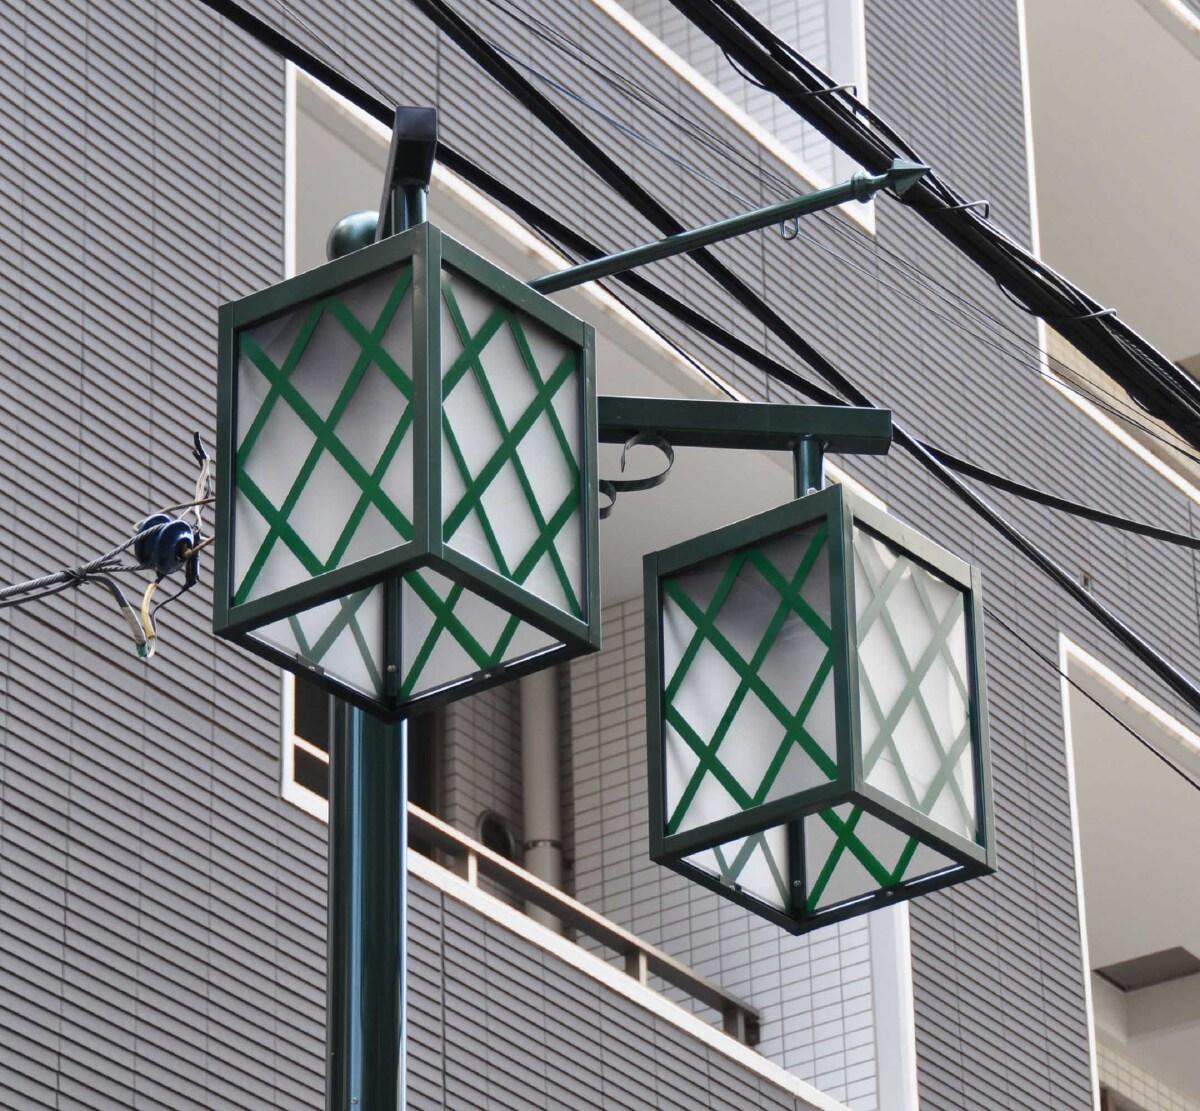 lamp post8